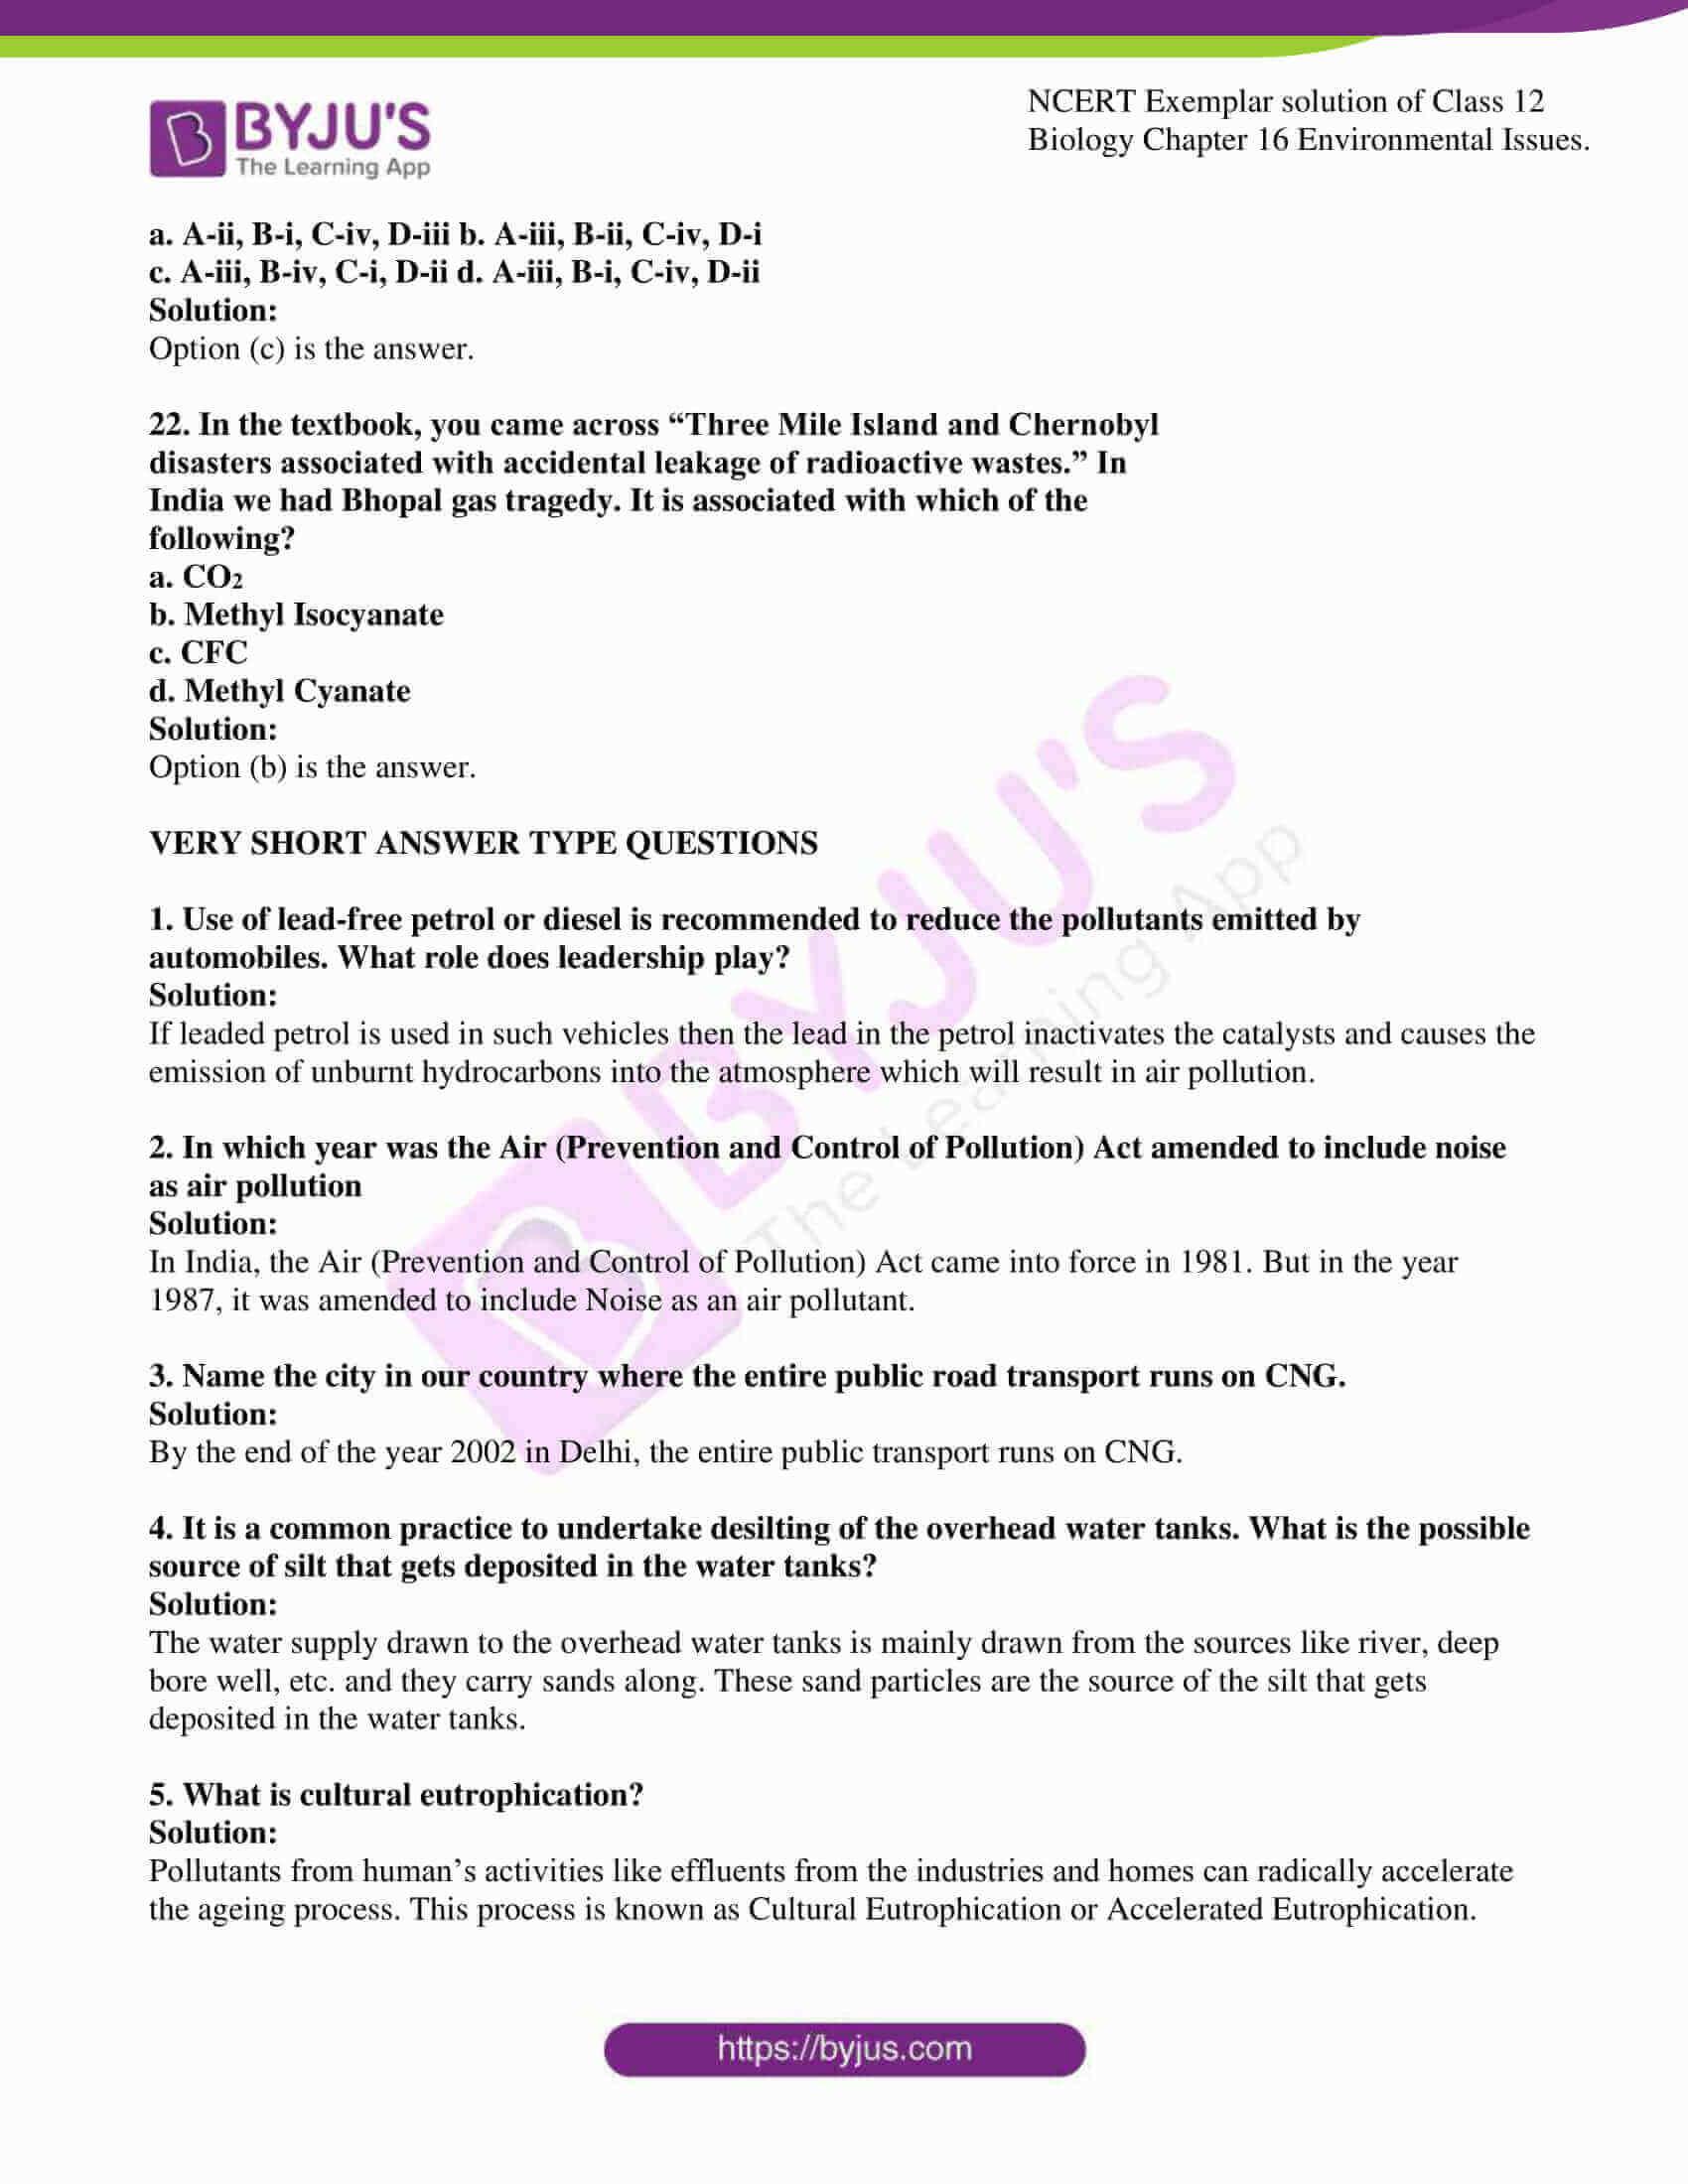 ncert exemplar solution of class 12 biology chapter 16 05